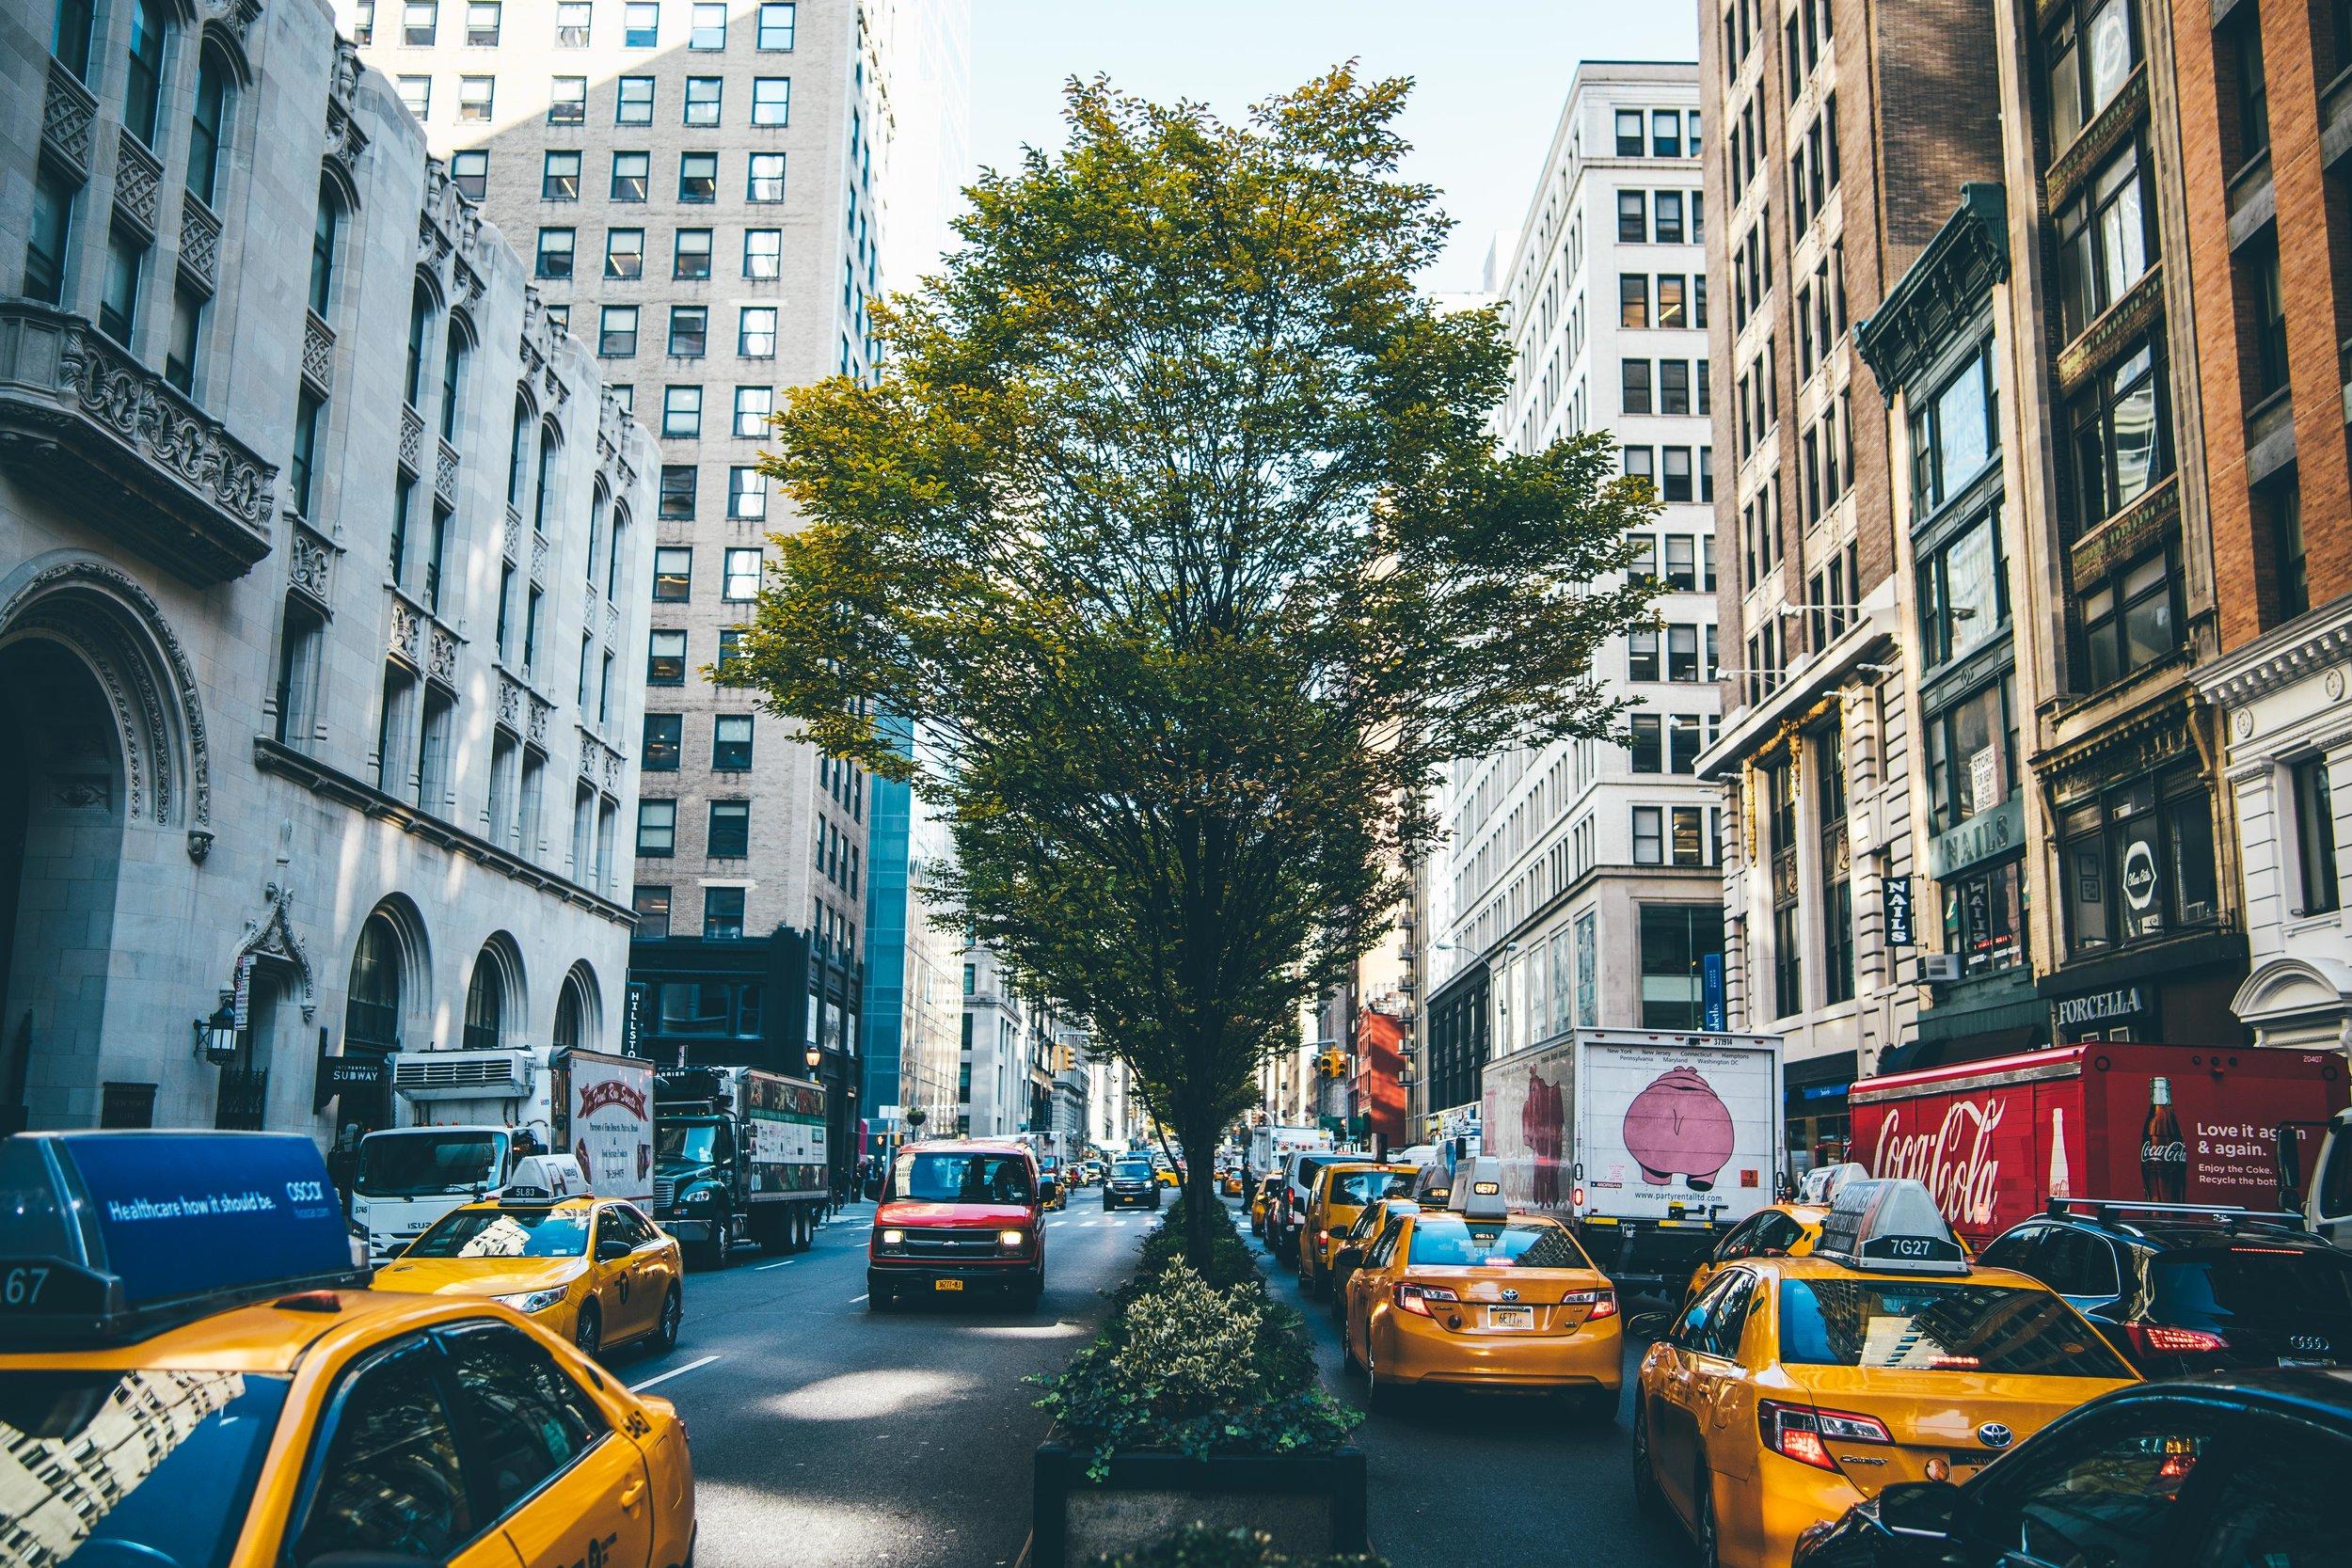 newyork-06758.jpg